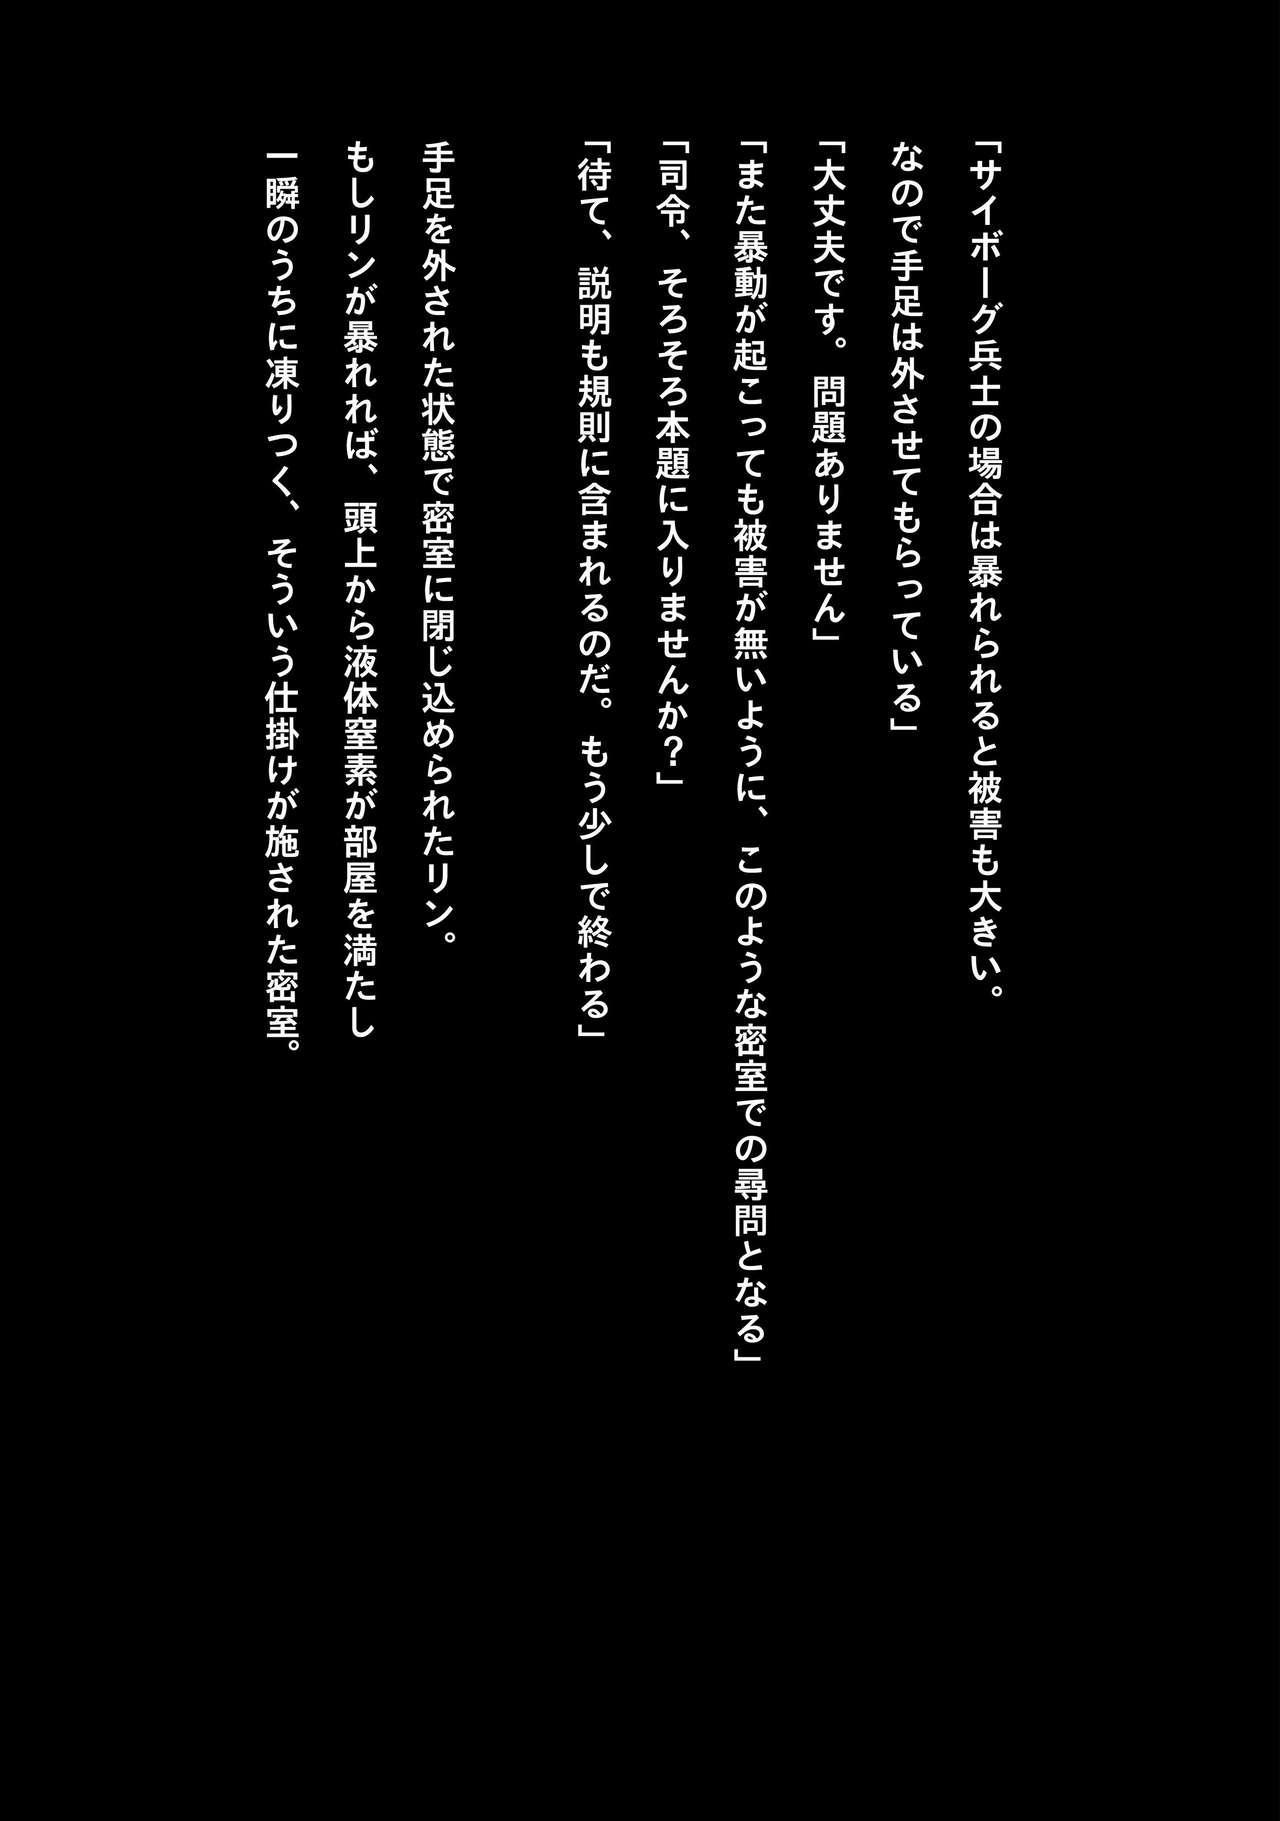 Idol Cyber Battle NEO GENERATOR episode 3 Seisan! Shi o kakugo shita shunkan 10